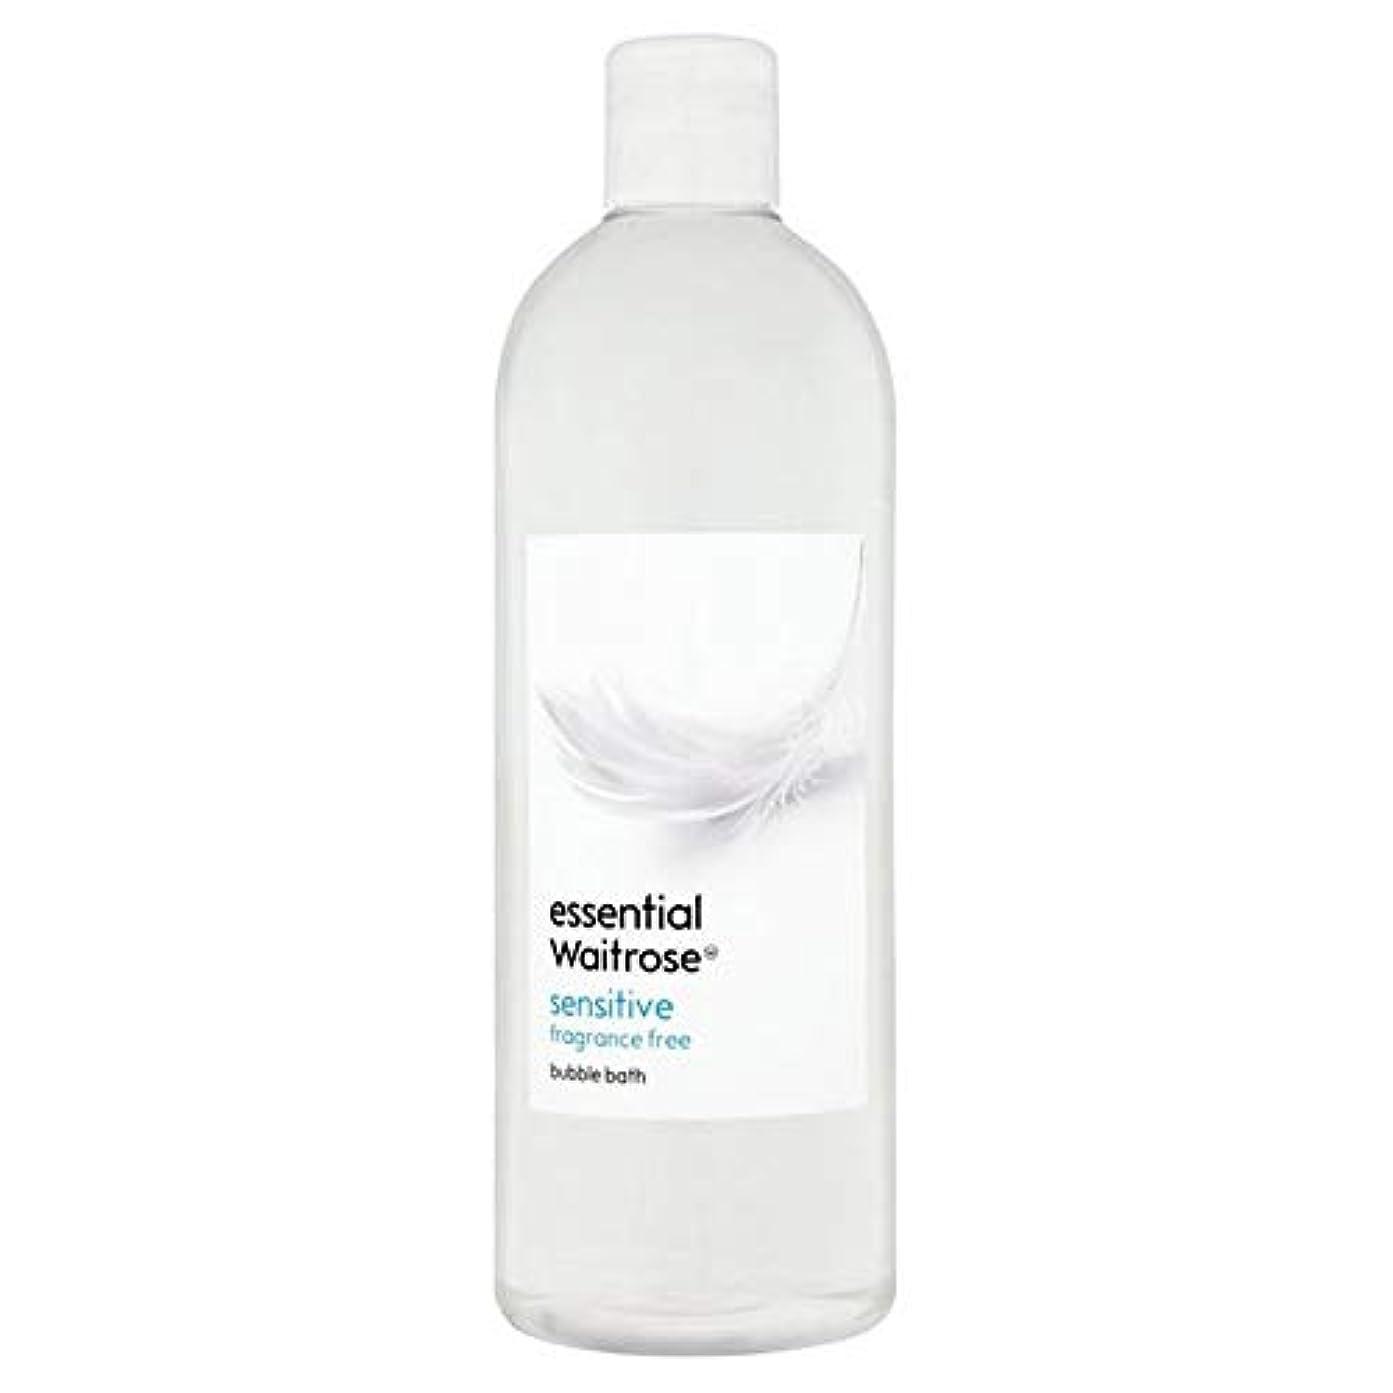 スポーツの試合を担当している人解決する住居[Waitrose ] 基本的なウェイトローズ泡風呂に敏感な750ミリリットル - Essential Waitrose Bubble Bath Sensitive 750ml [並行輸入品]